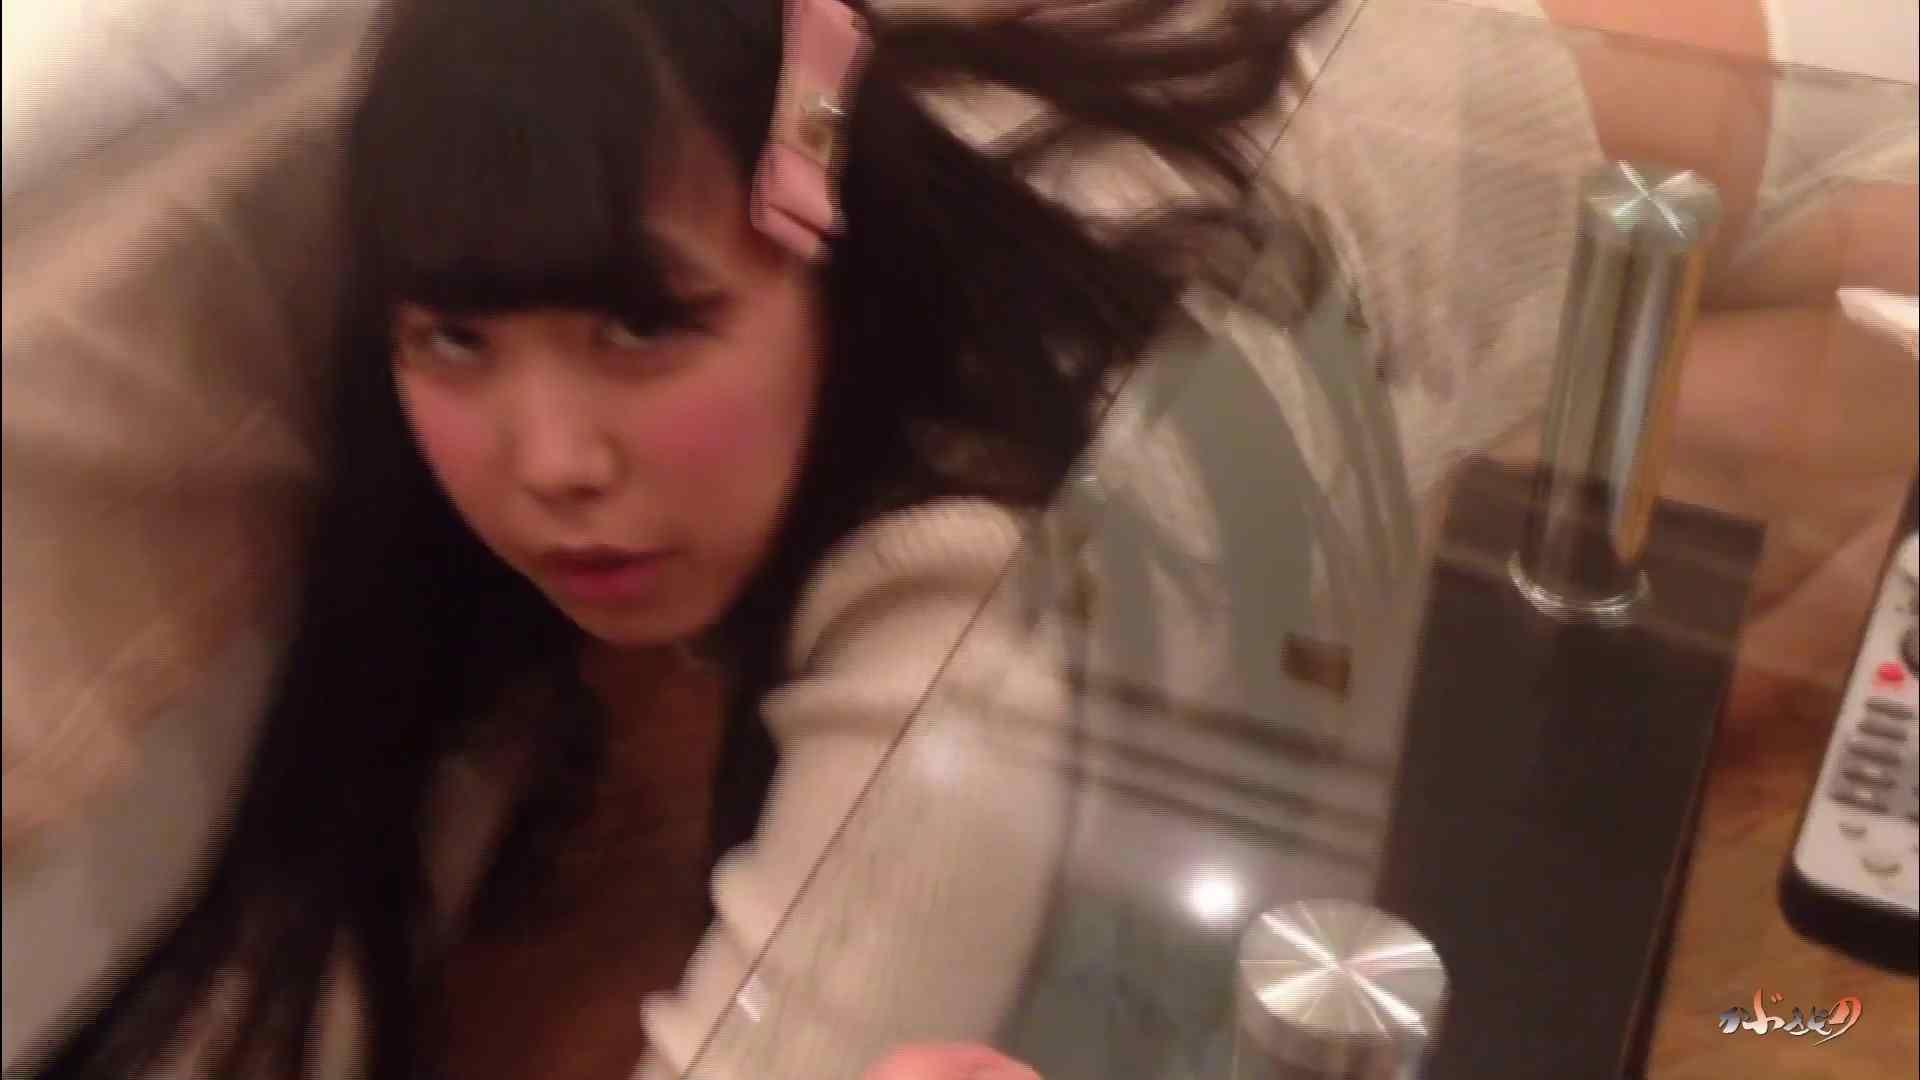 色情狂 「無料」サンプル01 素人 隠し撮りオマンコ動画紹介 53連発 38